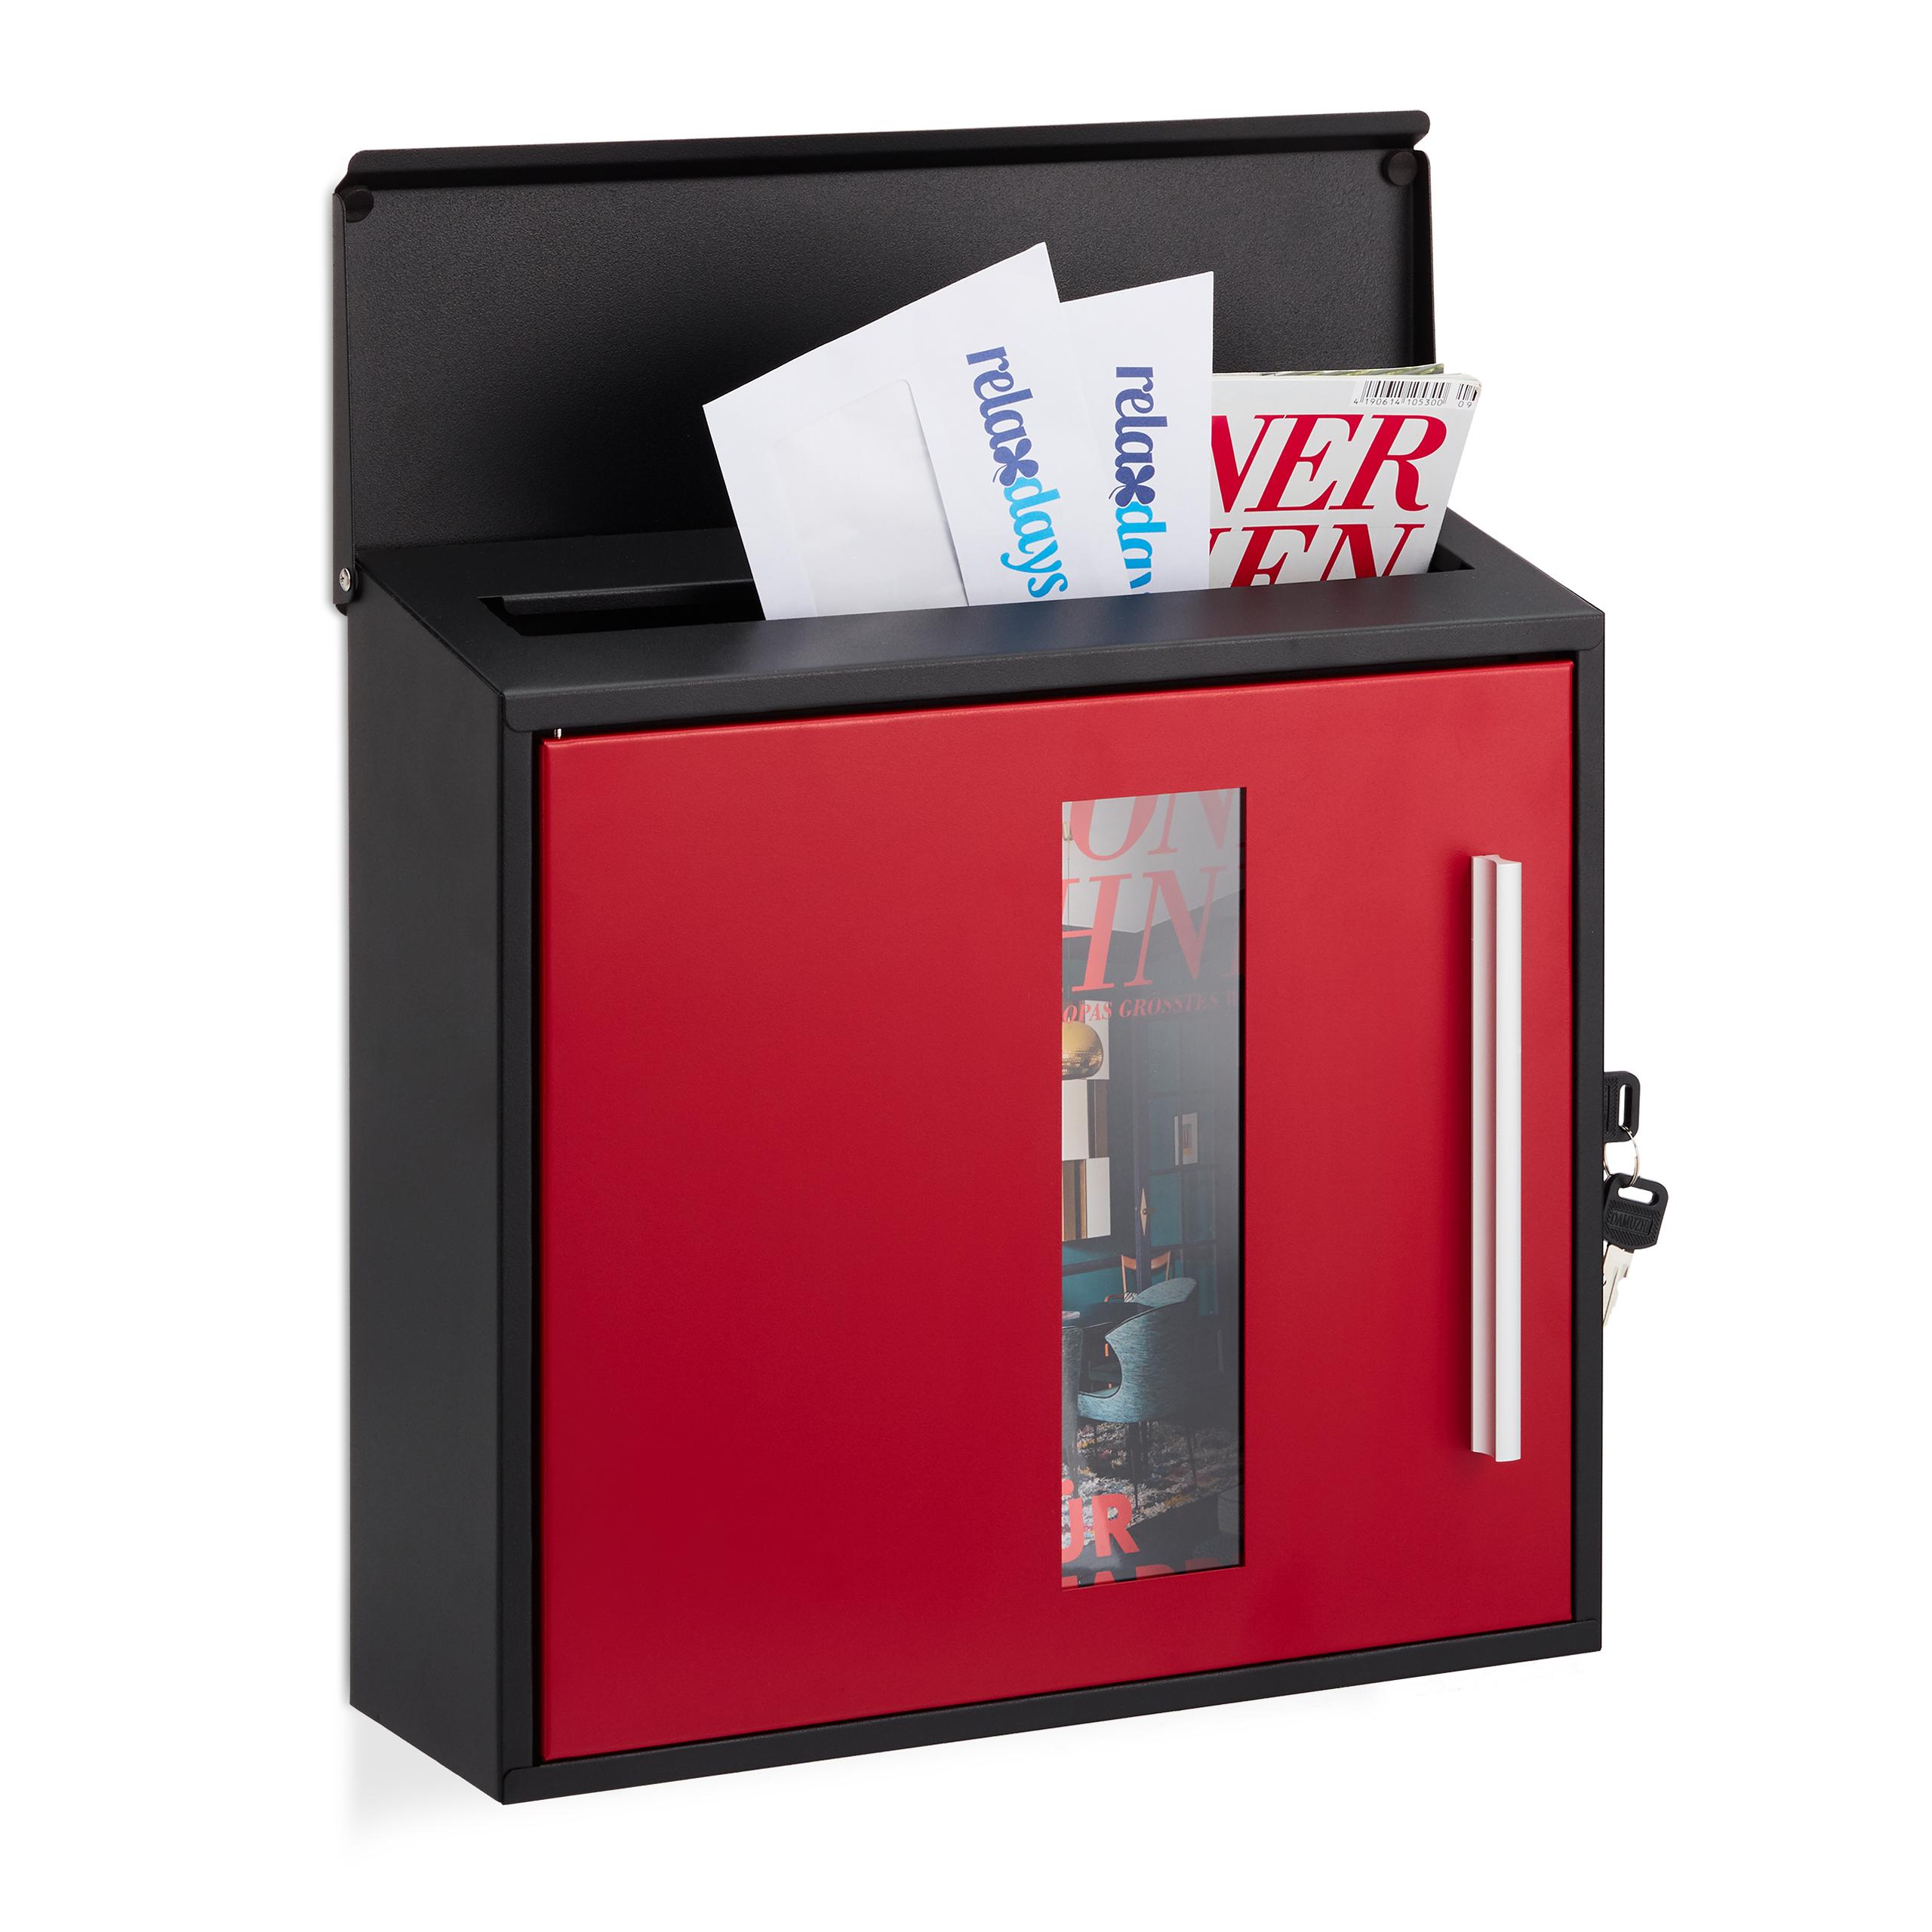 Boite-aux-lettres-Fermant-a-cle-Fenetre-Boite-postale-Courrier-noir-rouge miniature 2